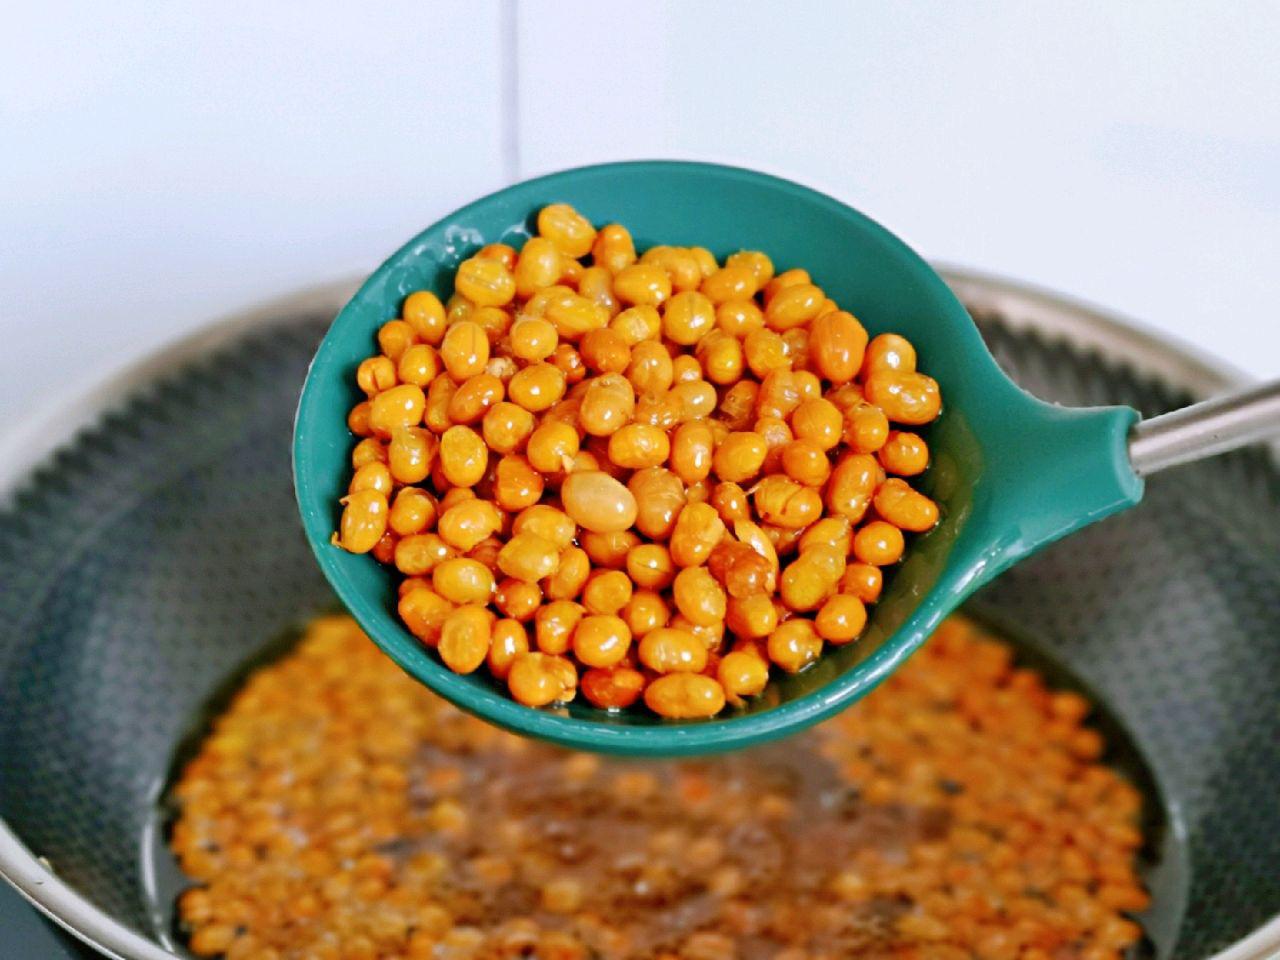 Trời lạnh làm đậu nành chiên giòn tẩm muối tiêu ăn cực ngon - Ảnh 3.